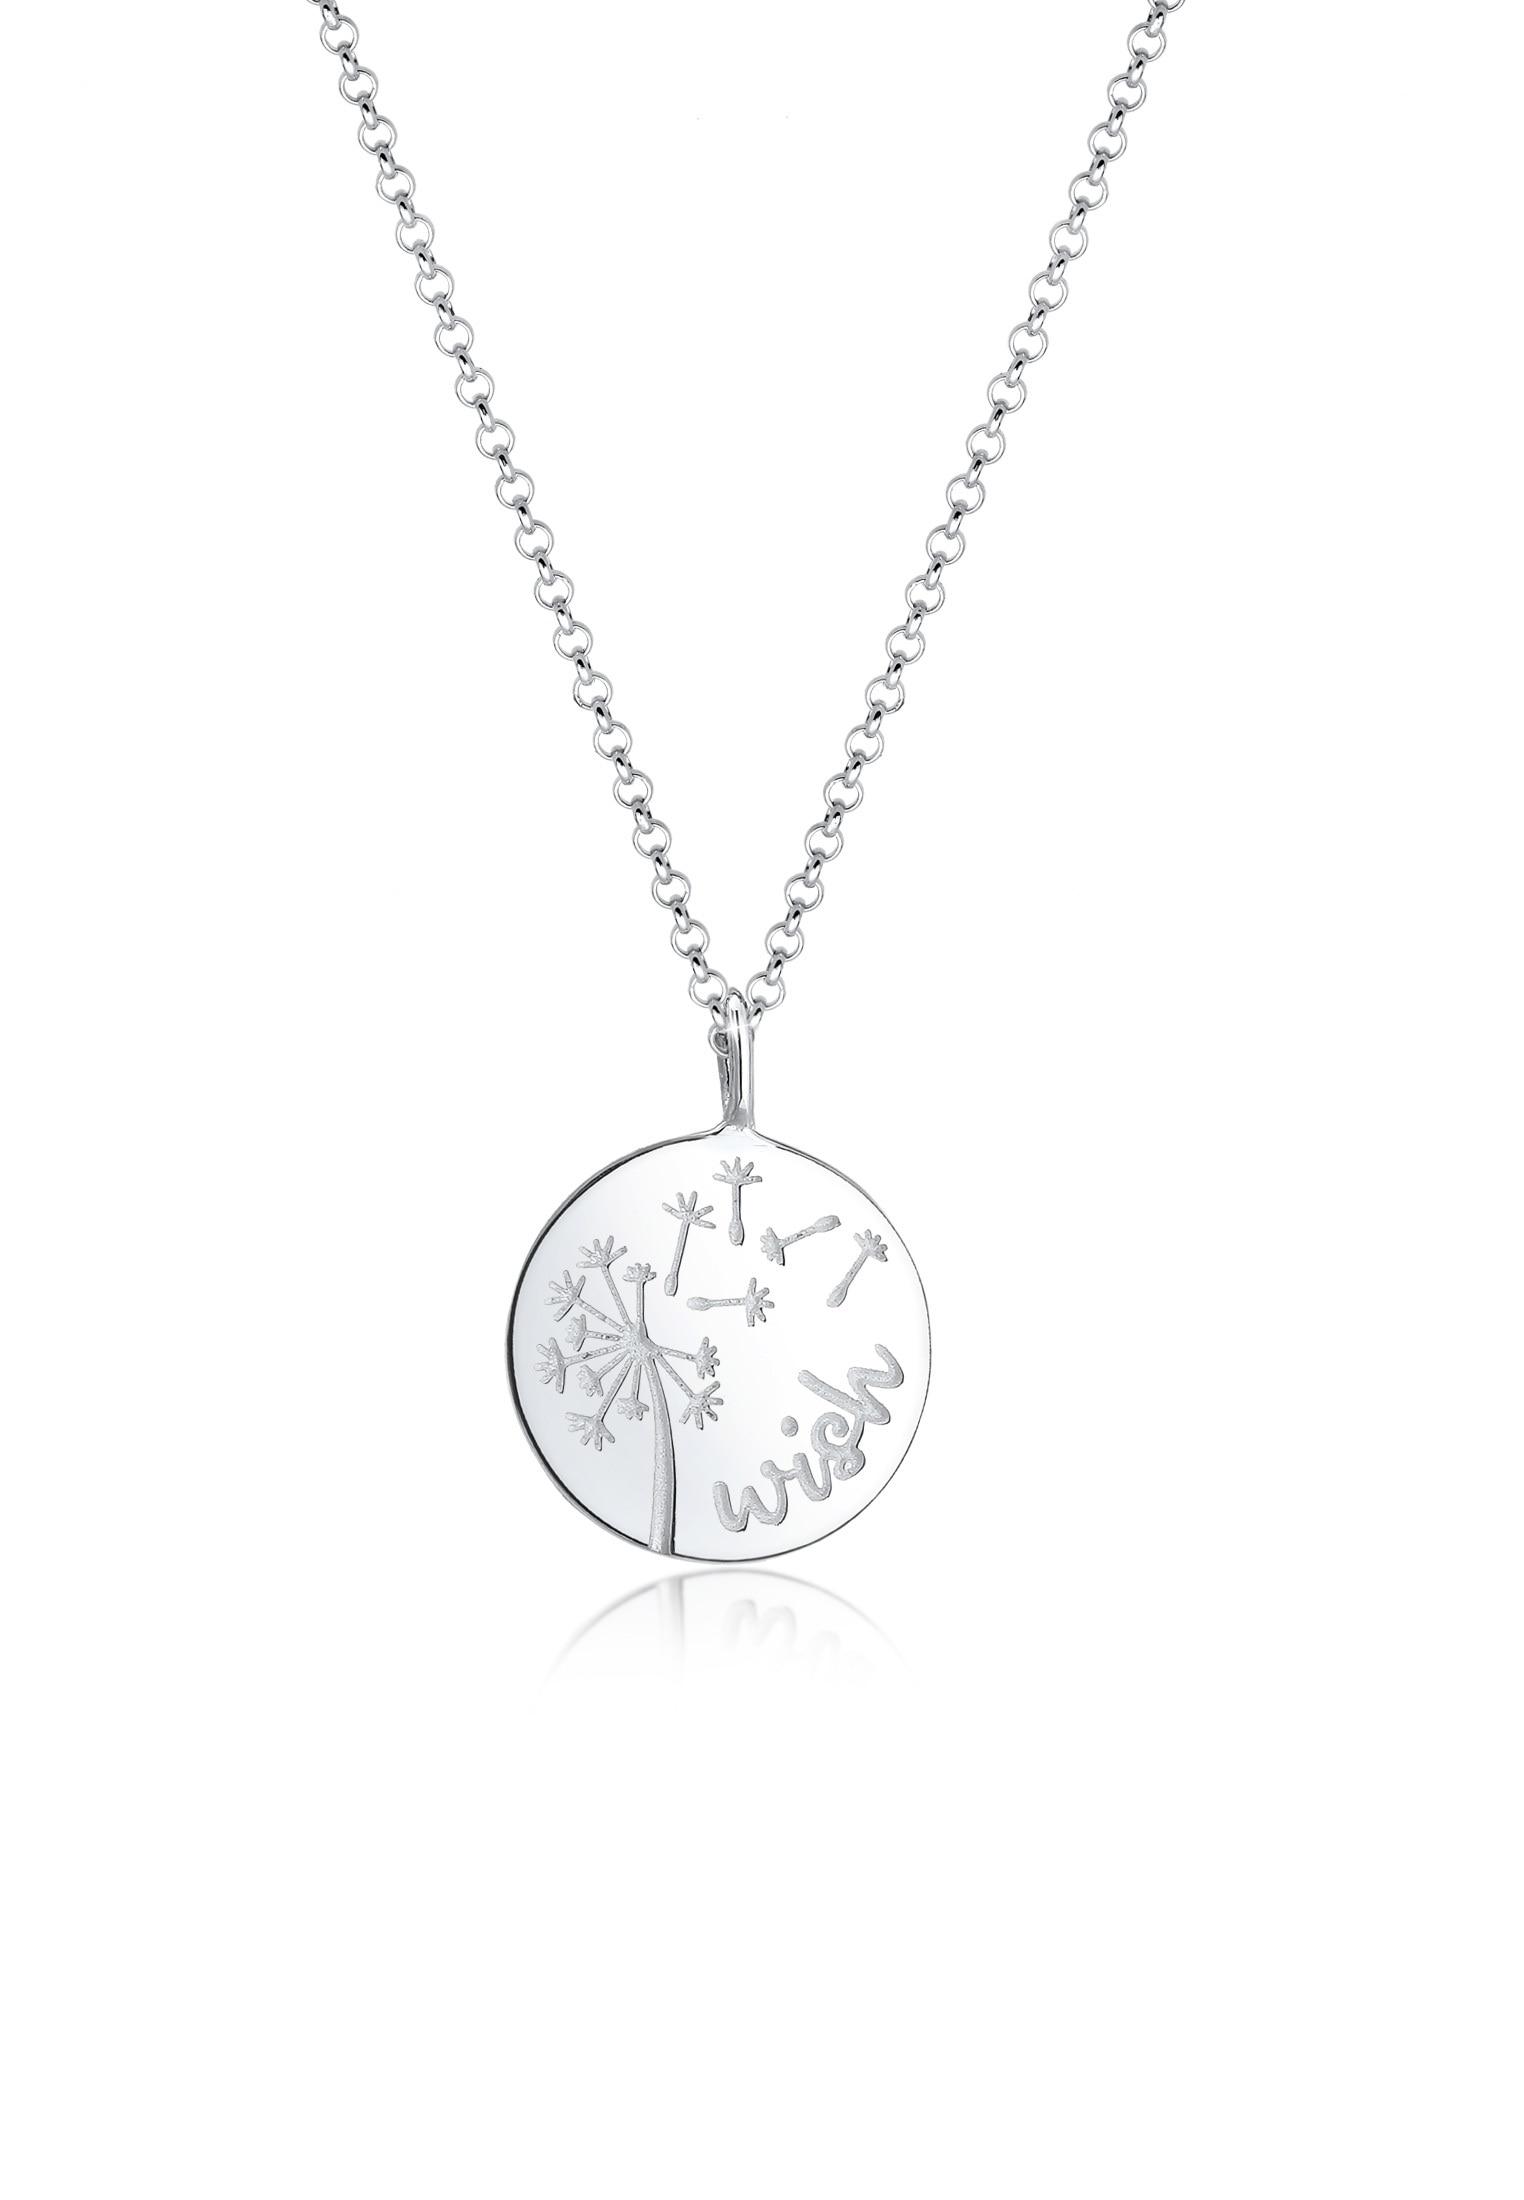 Elli Collierkettchen Erbskette Wish Pusteblume Dandelion 925er Silber   Schmuck > Halsketten > Silberketten   Elli